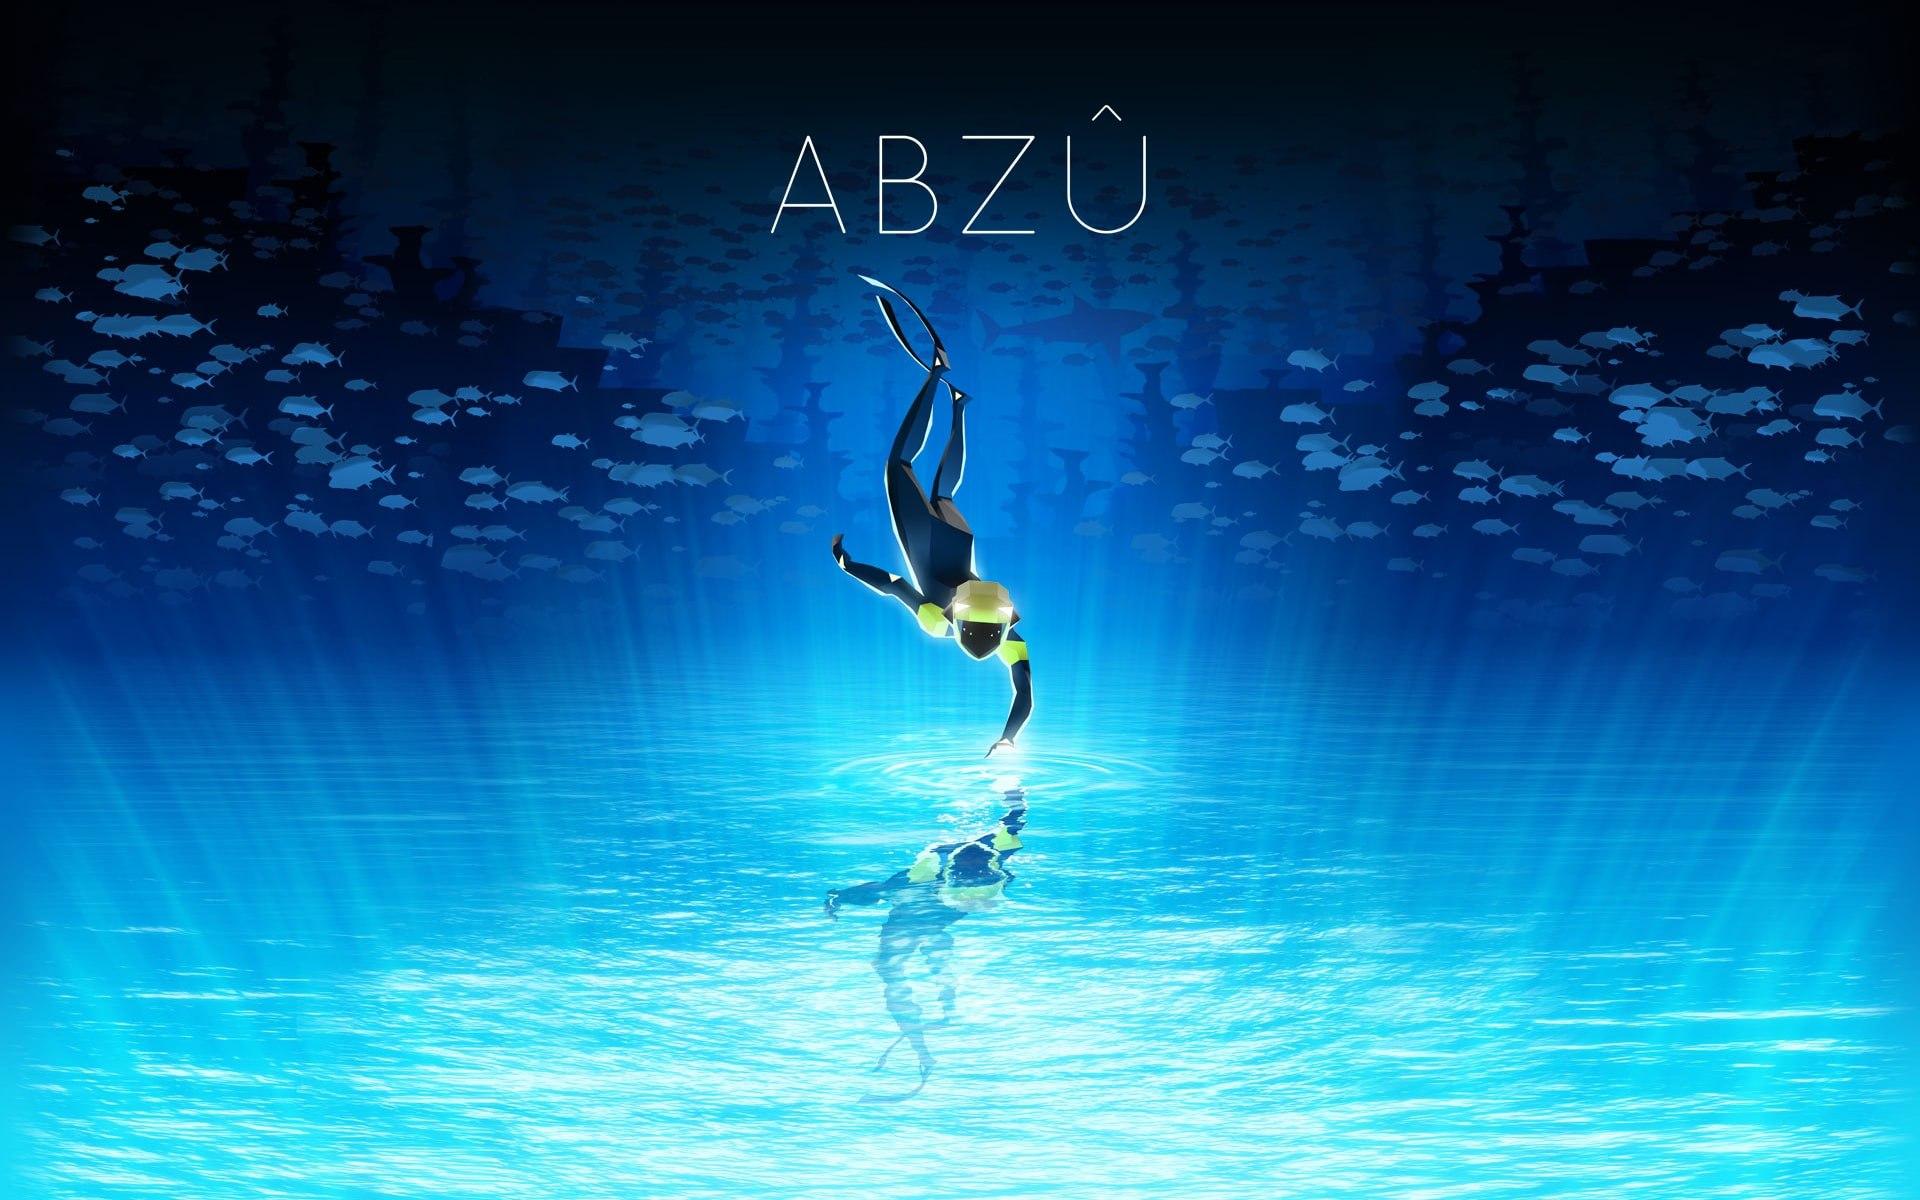 اکانت اریجینال PS4 بازی ABZU   ریجن اروپا و امریکا